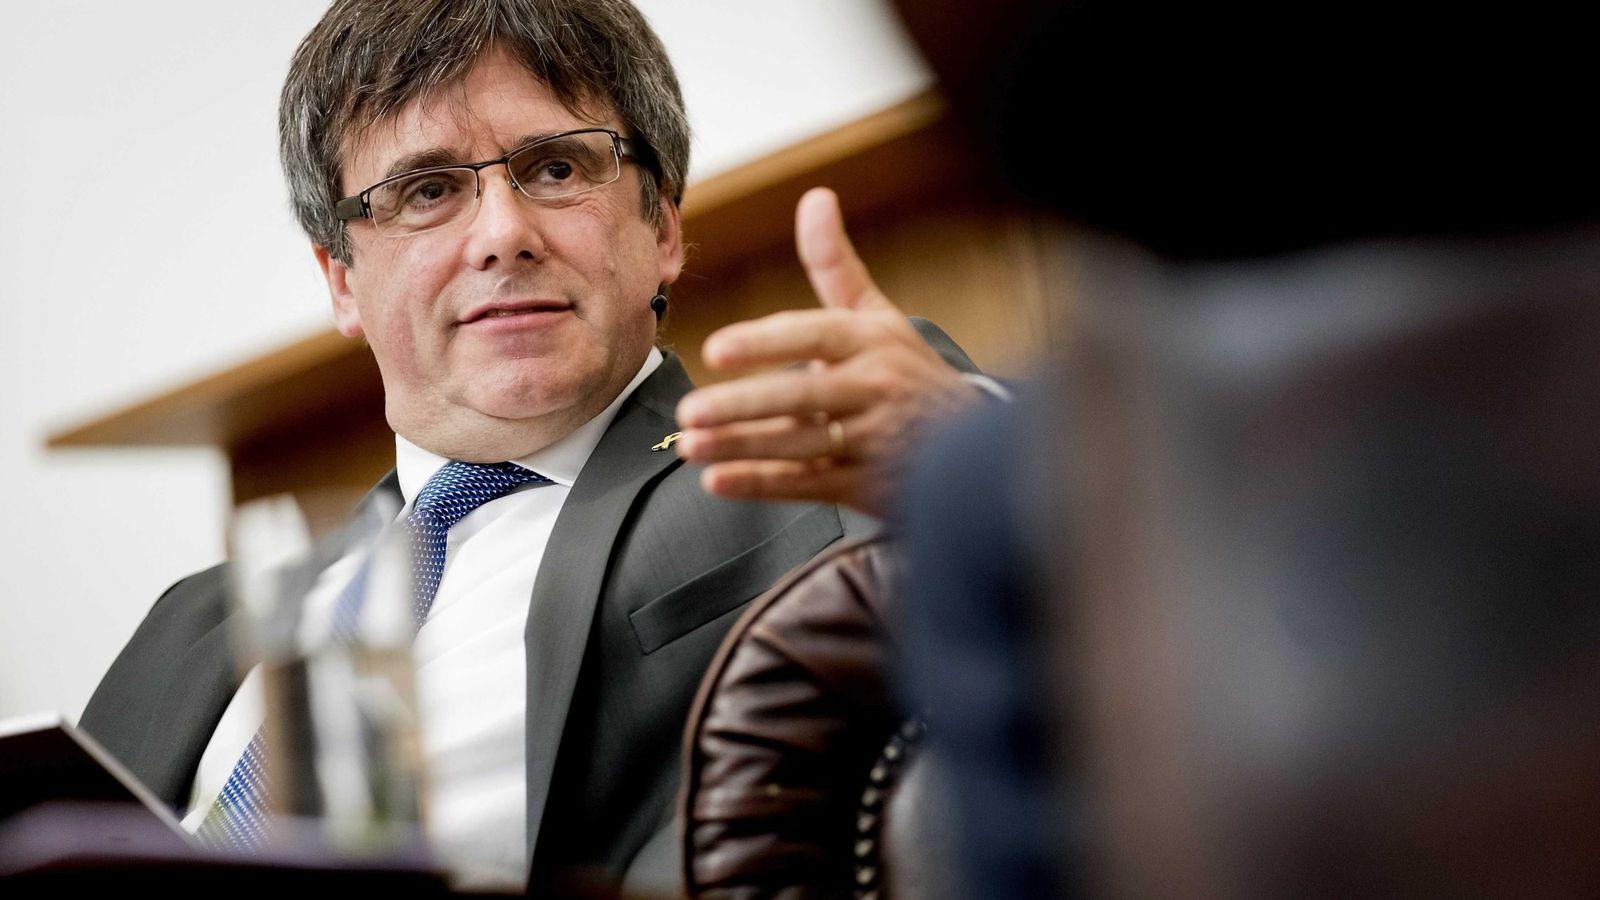 Foto: El expresidente catalán Carles Puigdemont participa en una charla en la Universidad de Ámsterdam. (EFE)